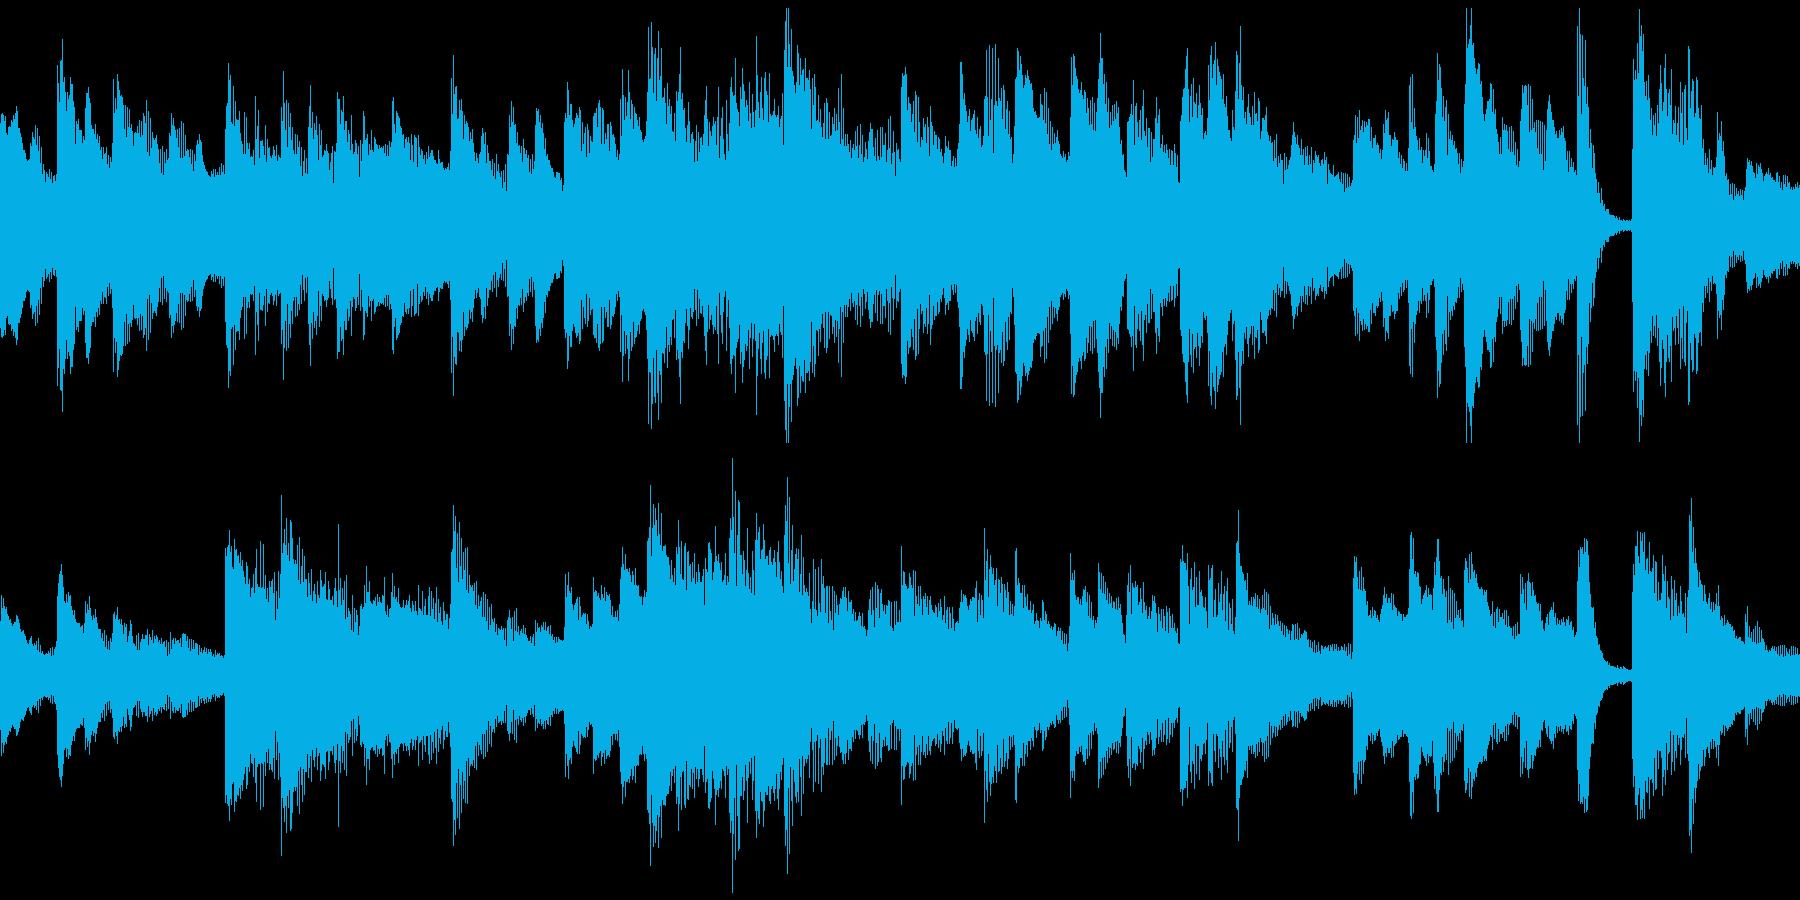 童謡「春よ来い」ループ仕様ピアノソロの再生済みの波形